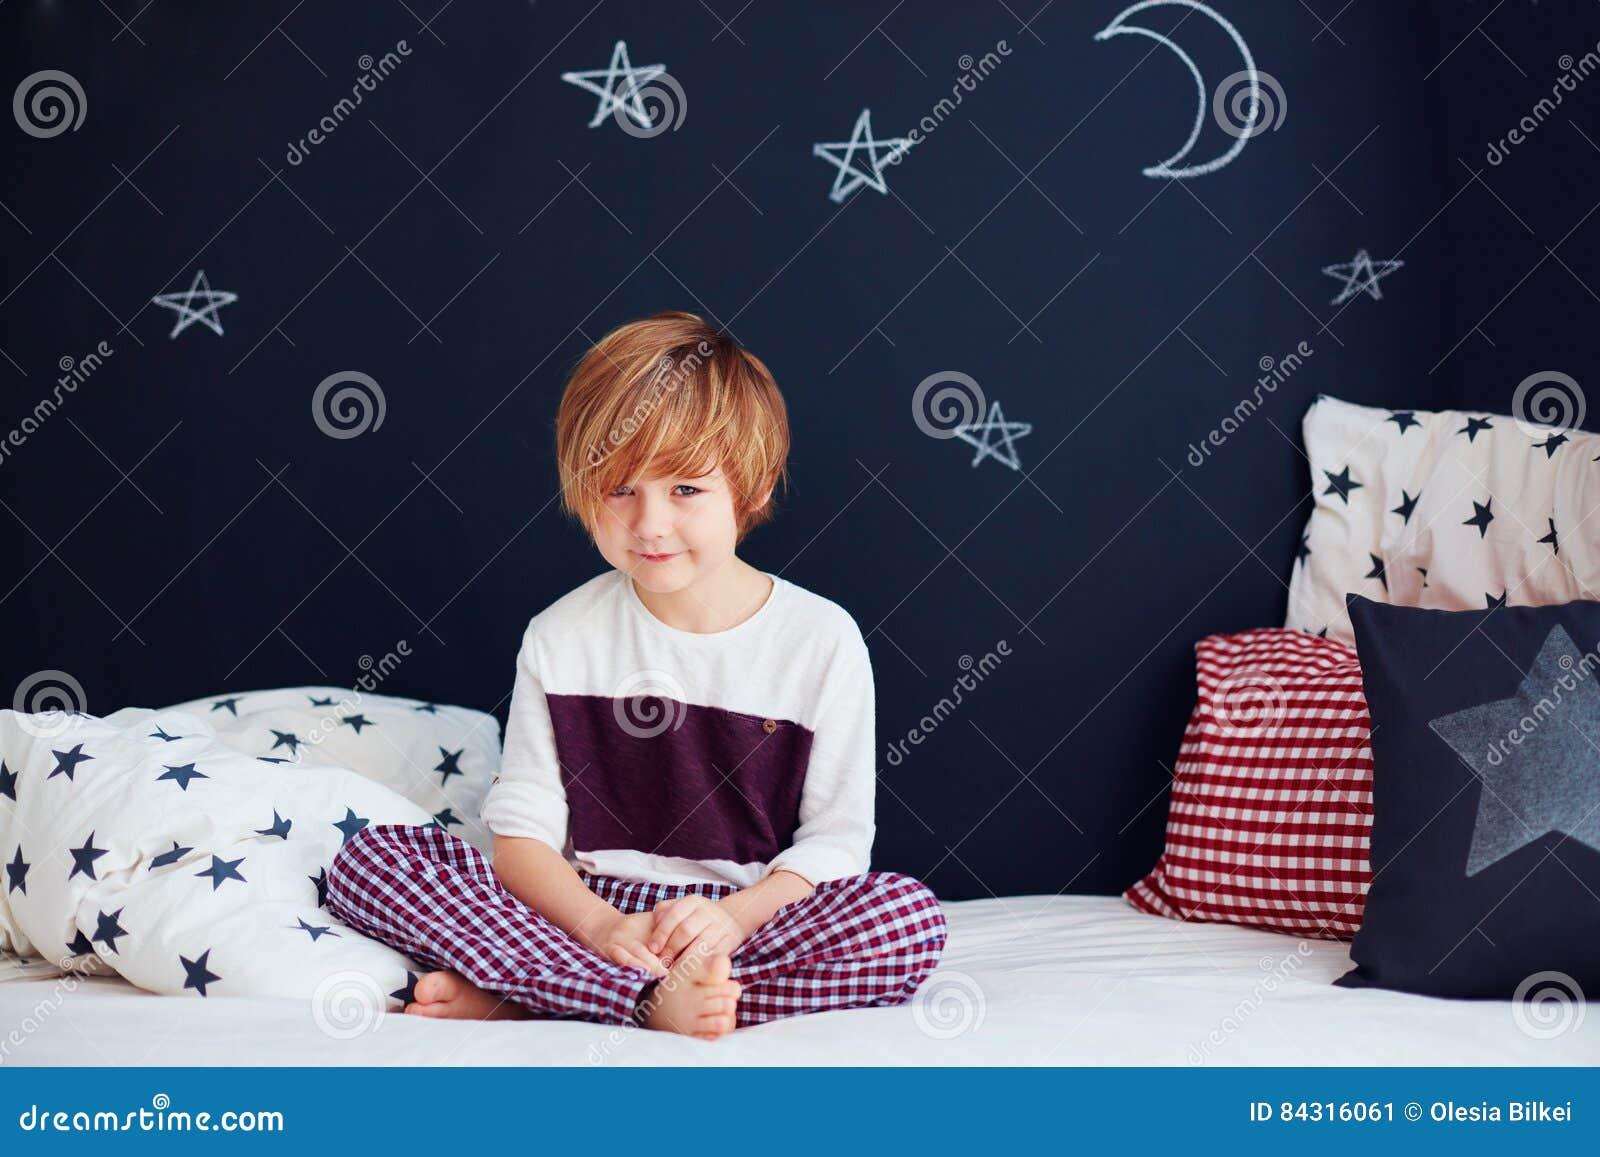 5e69a0714c7f Χαριτωμένο χαμογελώντας παιδί στις πυτζάμες που κάθεται στο κρεβάτι στο  δωμάτιο βρεφικών σταθμών